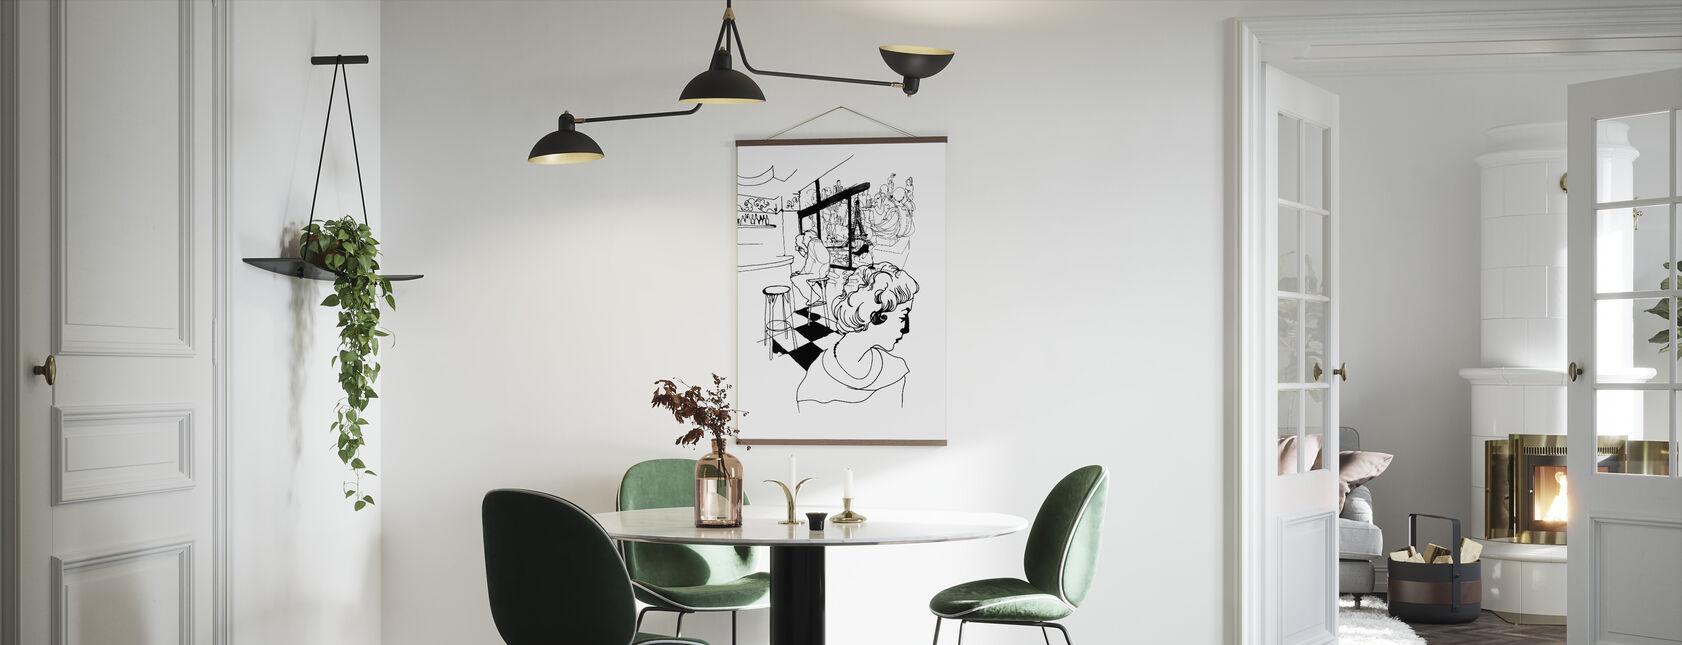 Kaffee in Paris - Poster - Küchen